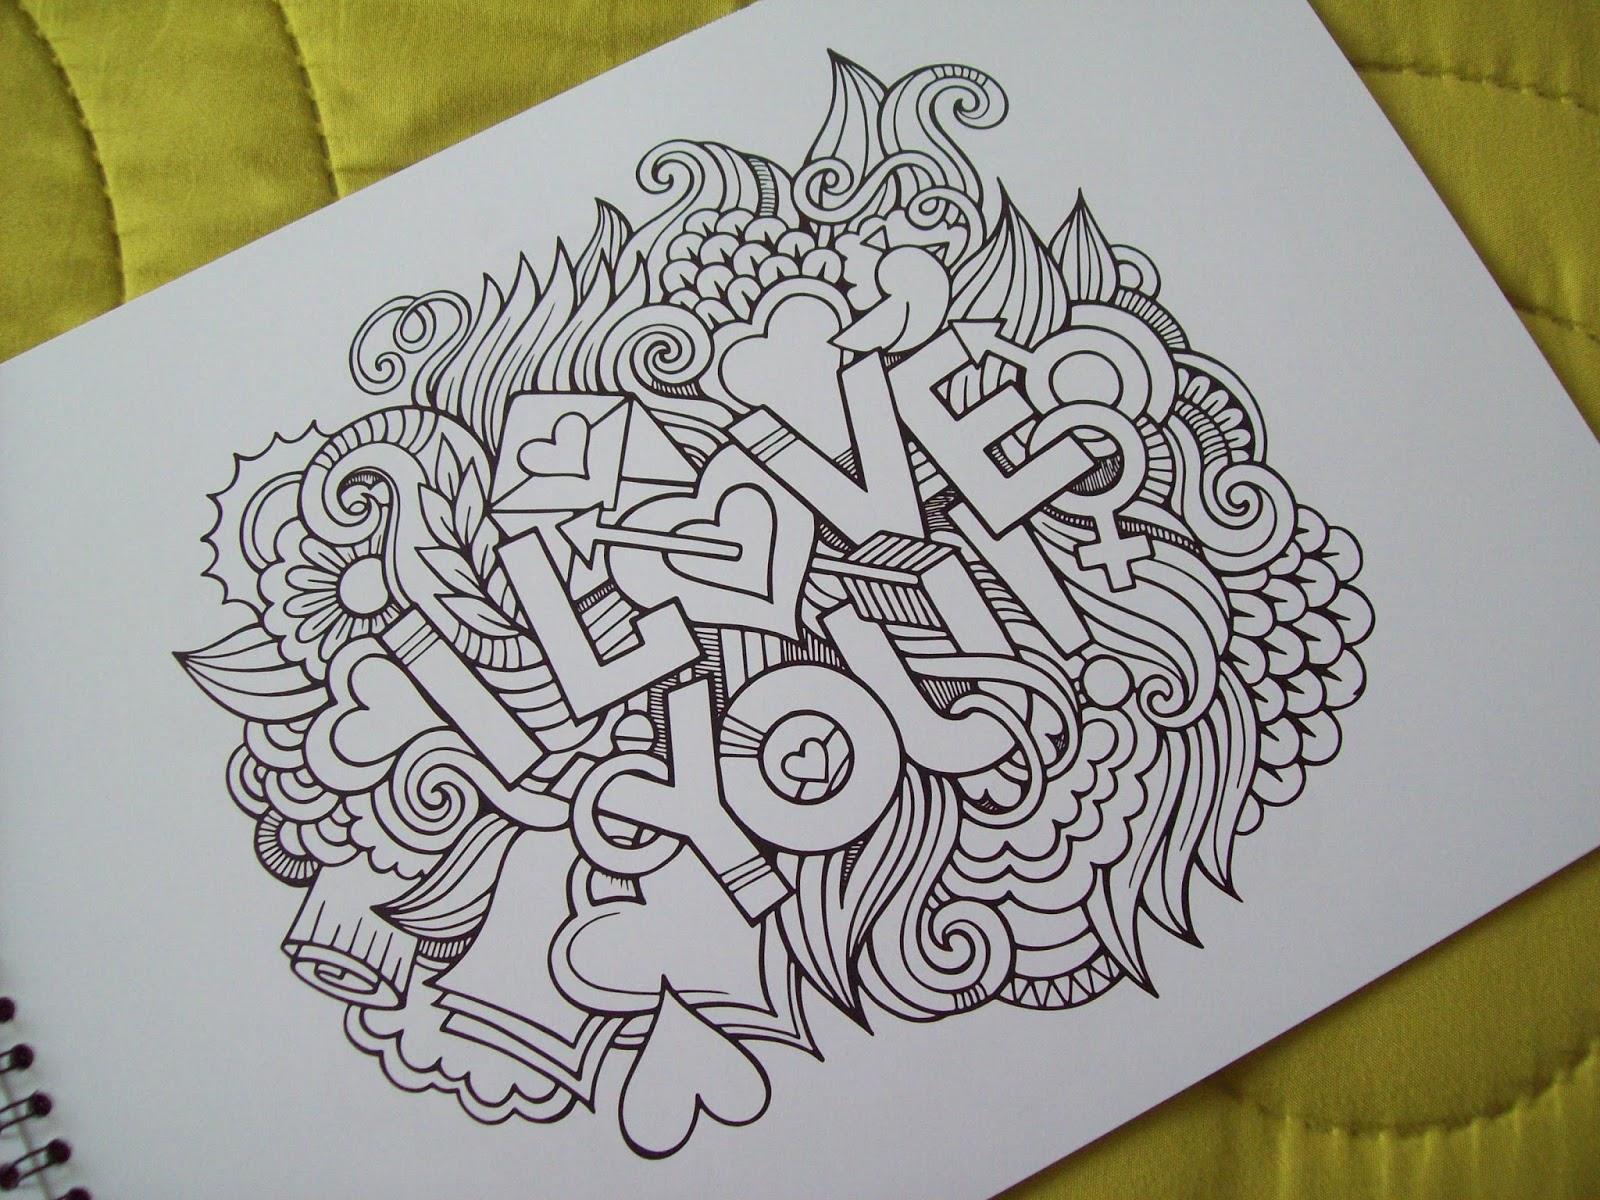 Z Mojego Punktu Widzenia Crazy Drawings Antystresowe Kolorowanki